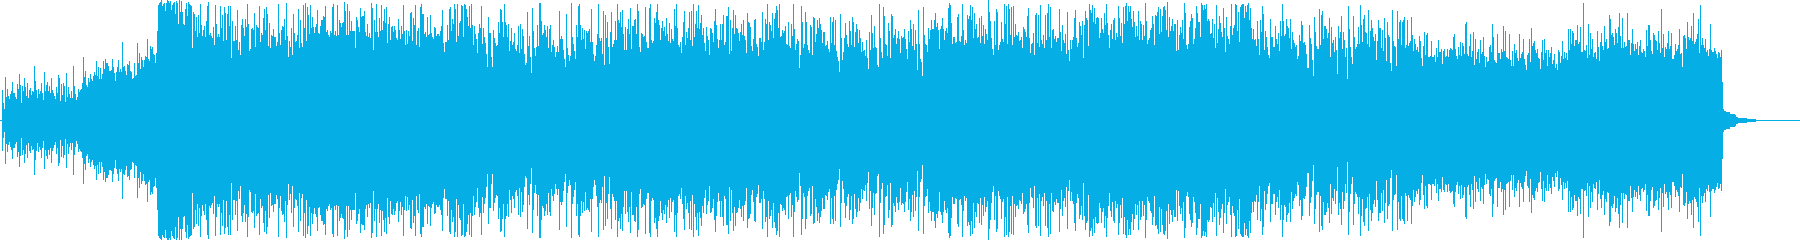 近未来感のある激しいエレクトリックロックの再生済みの波形